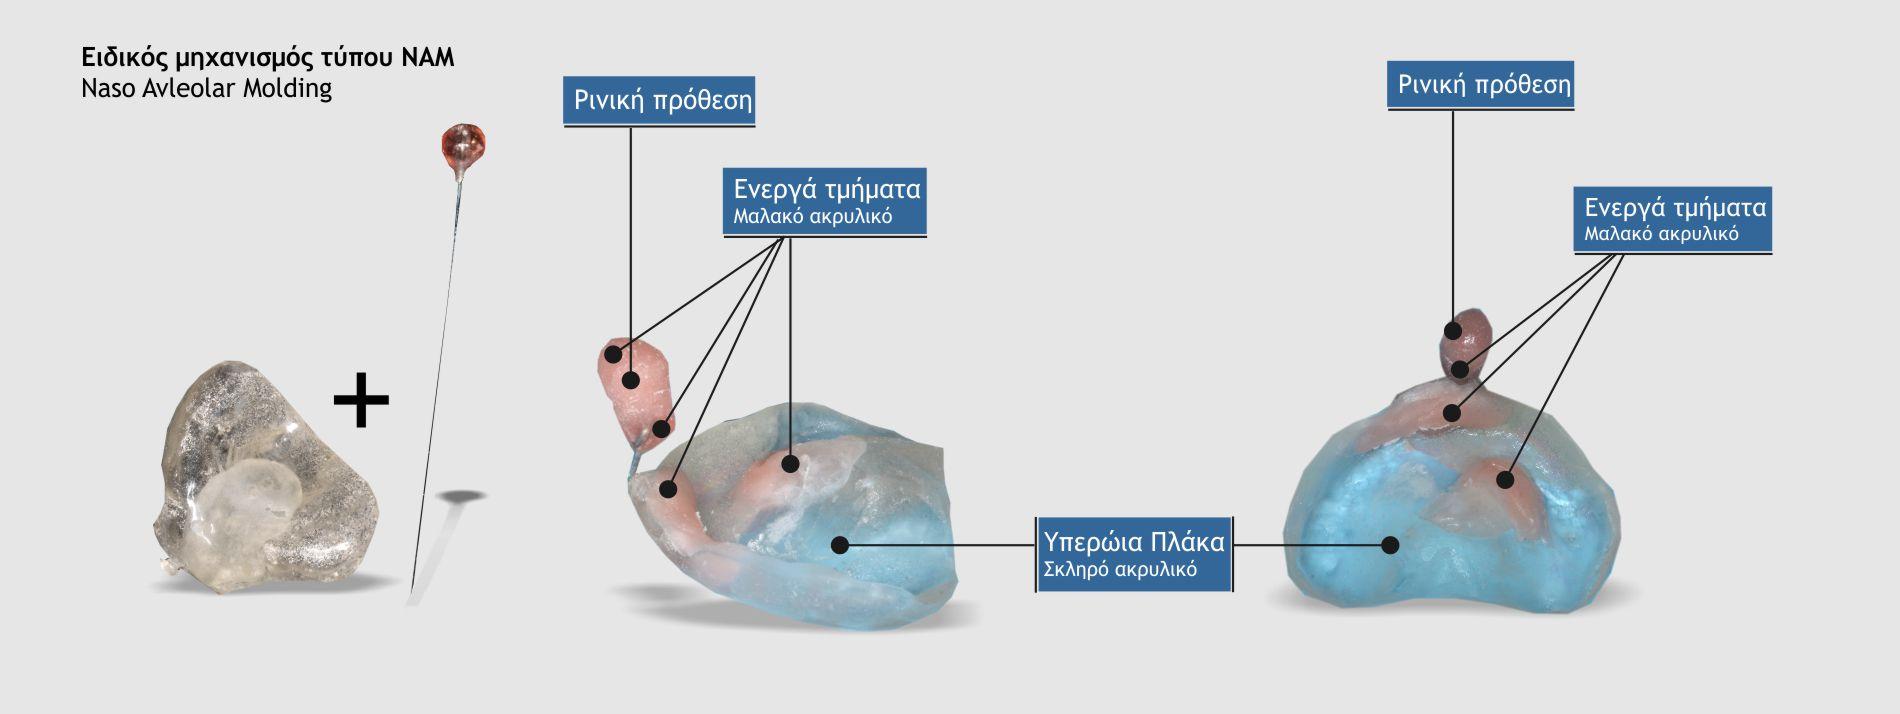 Τα μέρη του μηχανισμού τύπου ΝΑΜ